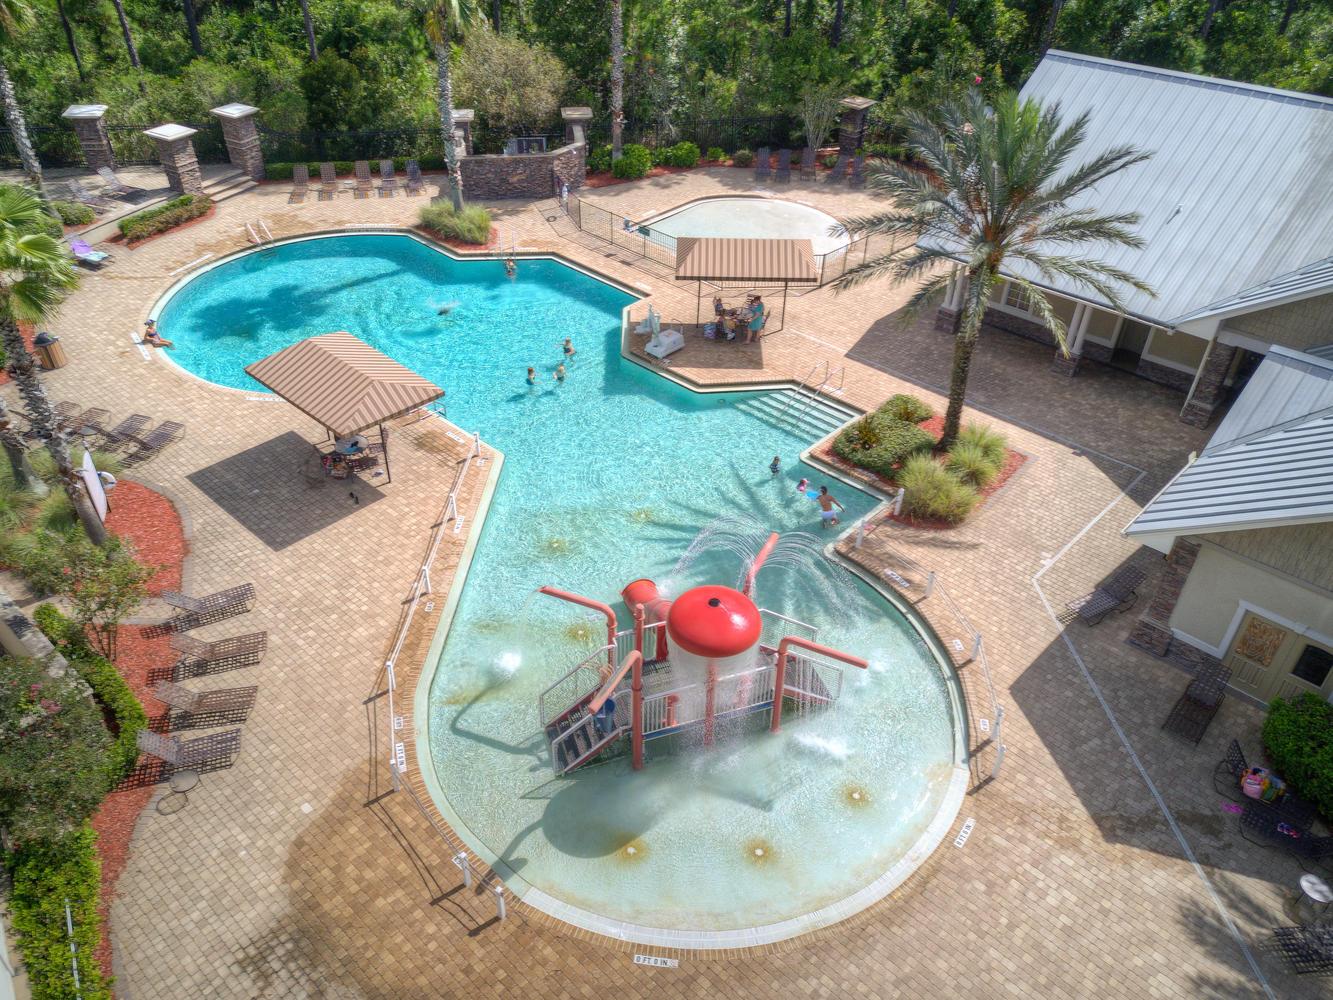 4086 Sandhill Crane Terrace-large-004-4-DJI 0067 68 69 70 71-1334x1000-72dpi.jpg